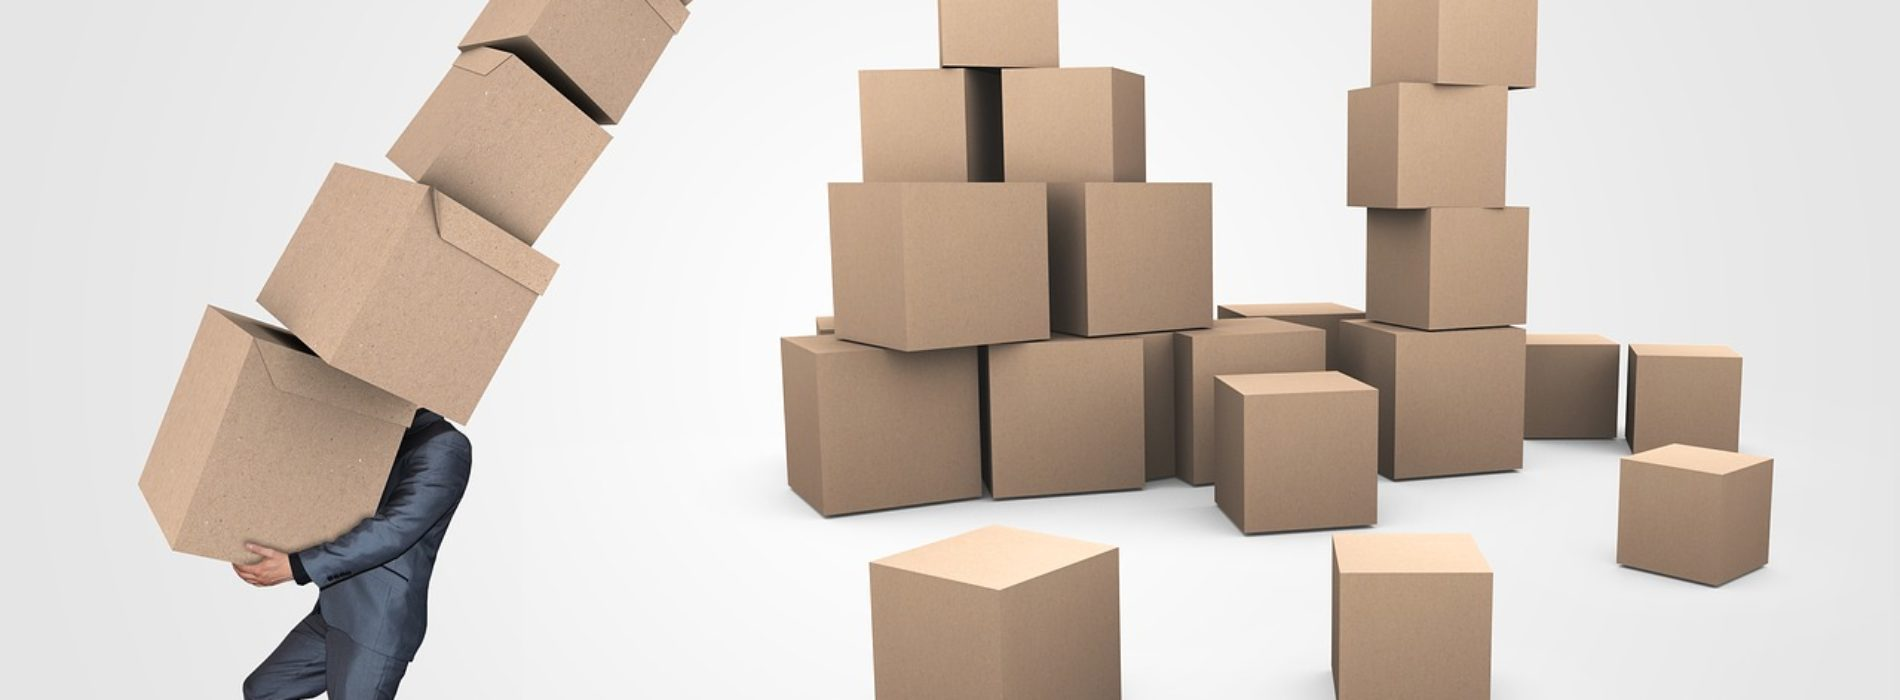 Jak oszczędzać na dostawie prowadząc własny sklep internetowy?